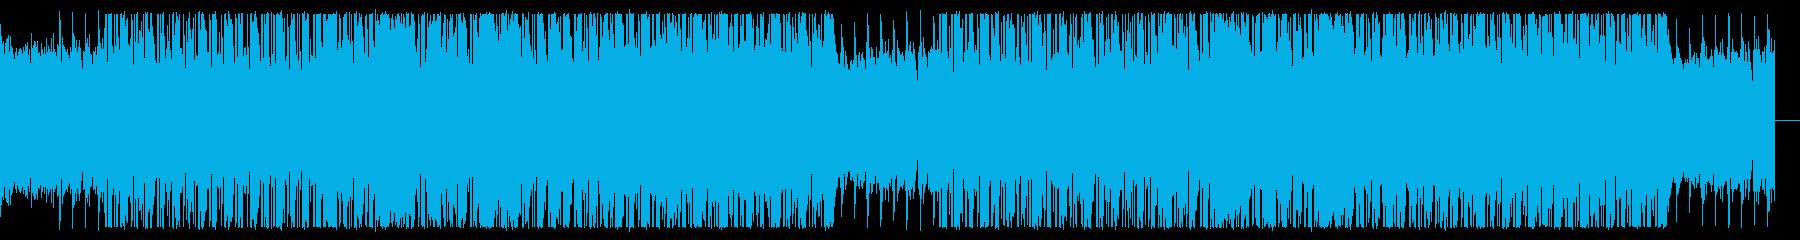 ノリの良いチル・ヒップホップの再生済みの波形